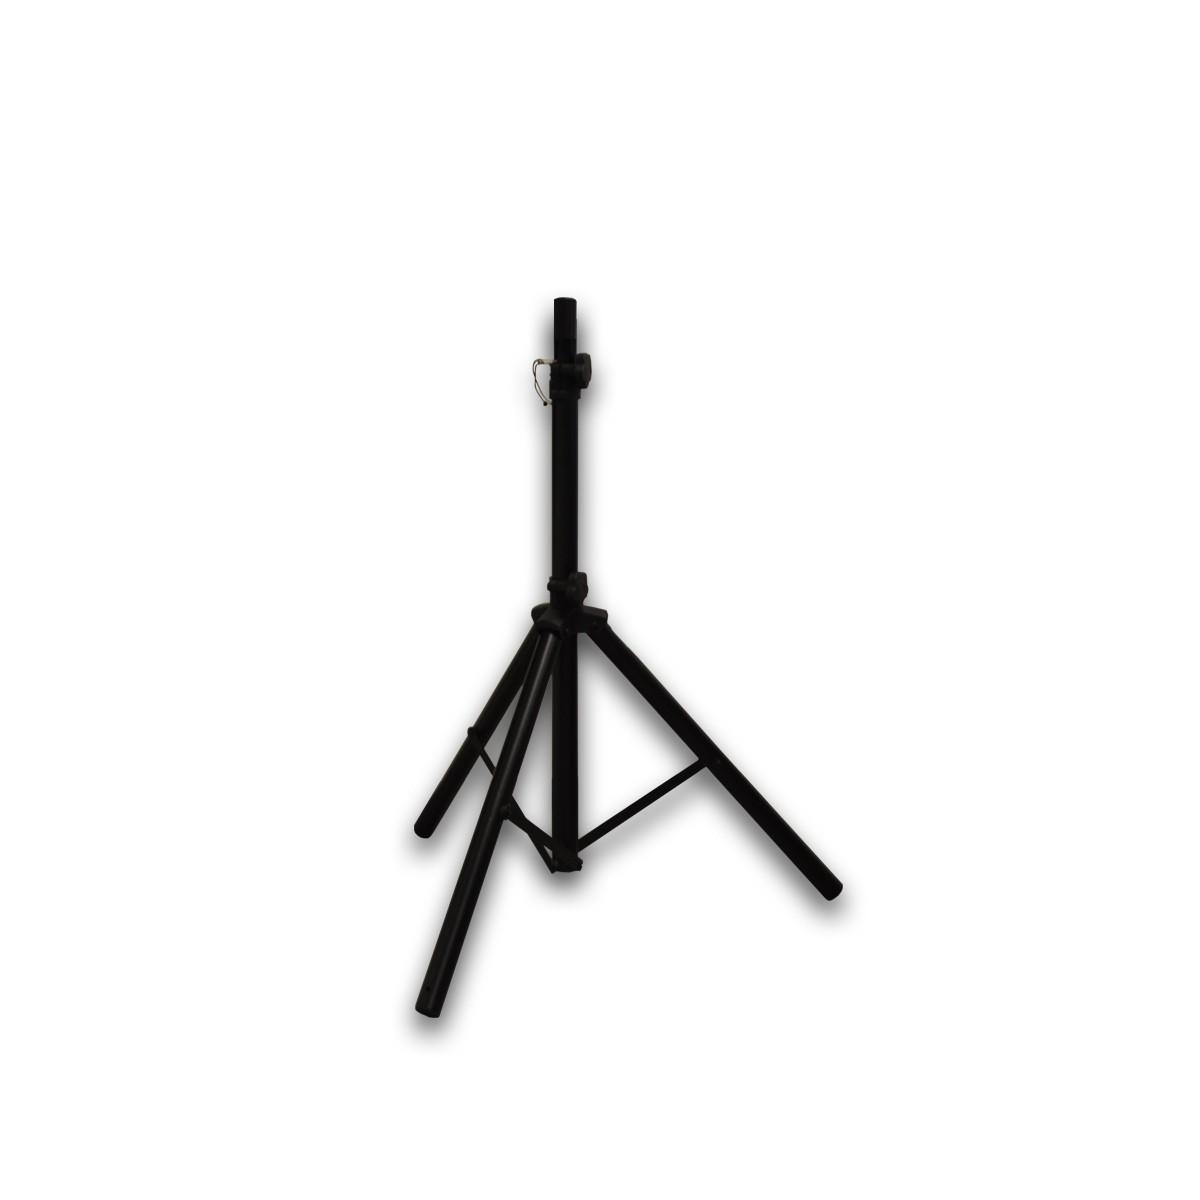 PremiumX Camping Sat Anlage 45cm Antenne + Single LNB + 10m Koaxialkabel mit 2x F-Stecker + Dreibein Stativ Ständer inkl. 3x Stahl-Heringe Wohnwagen Anlage